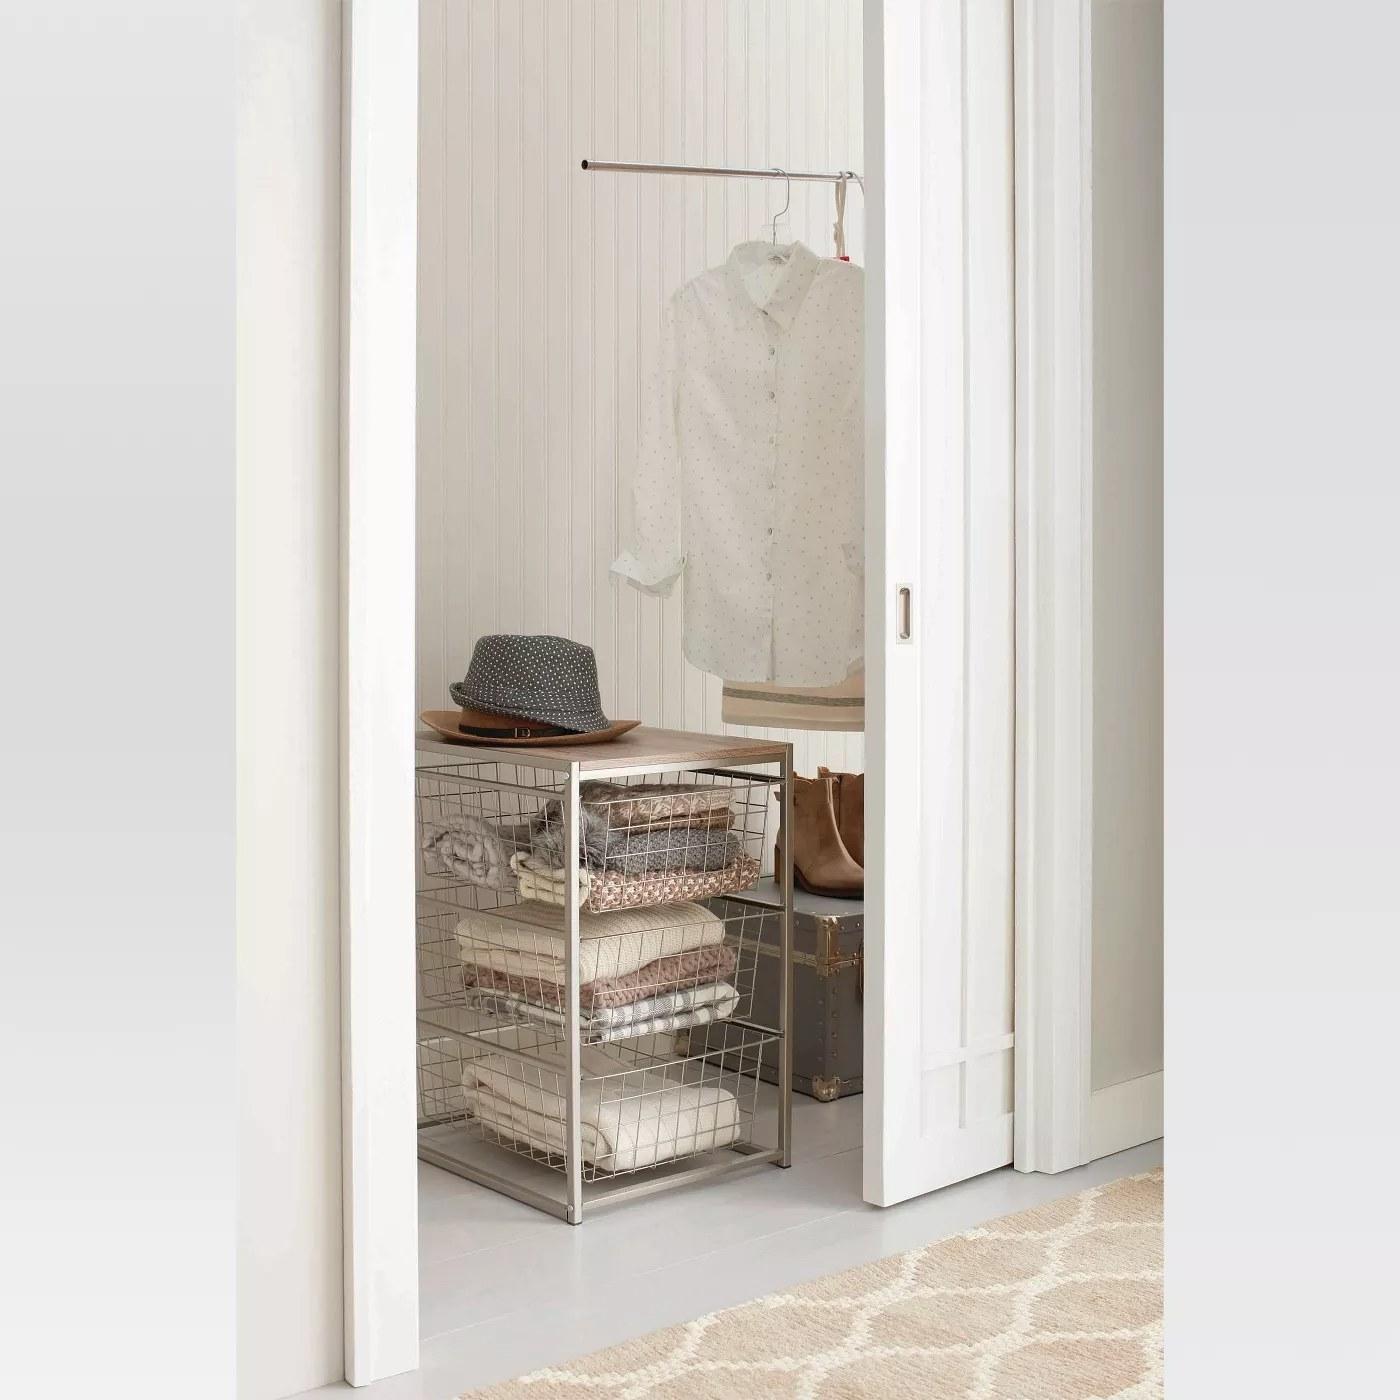 A closet organizer